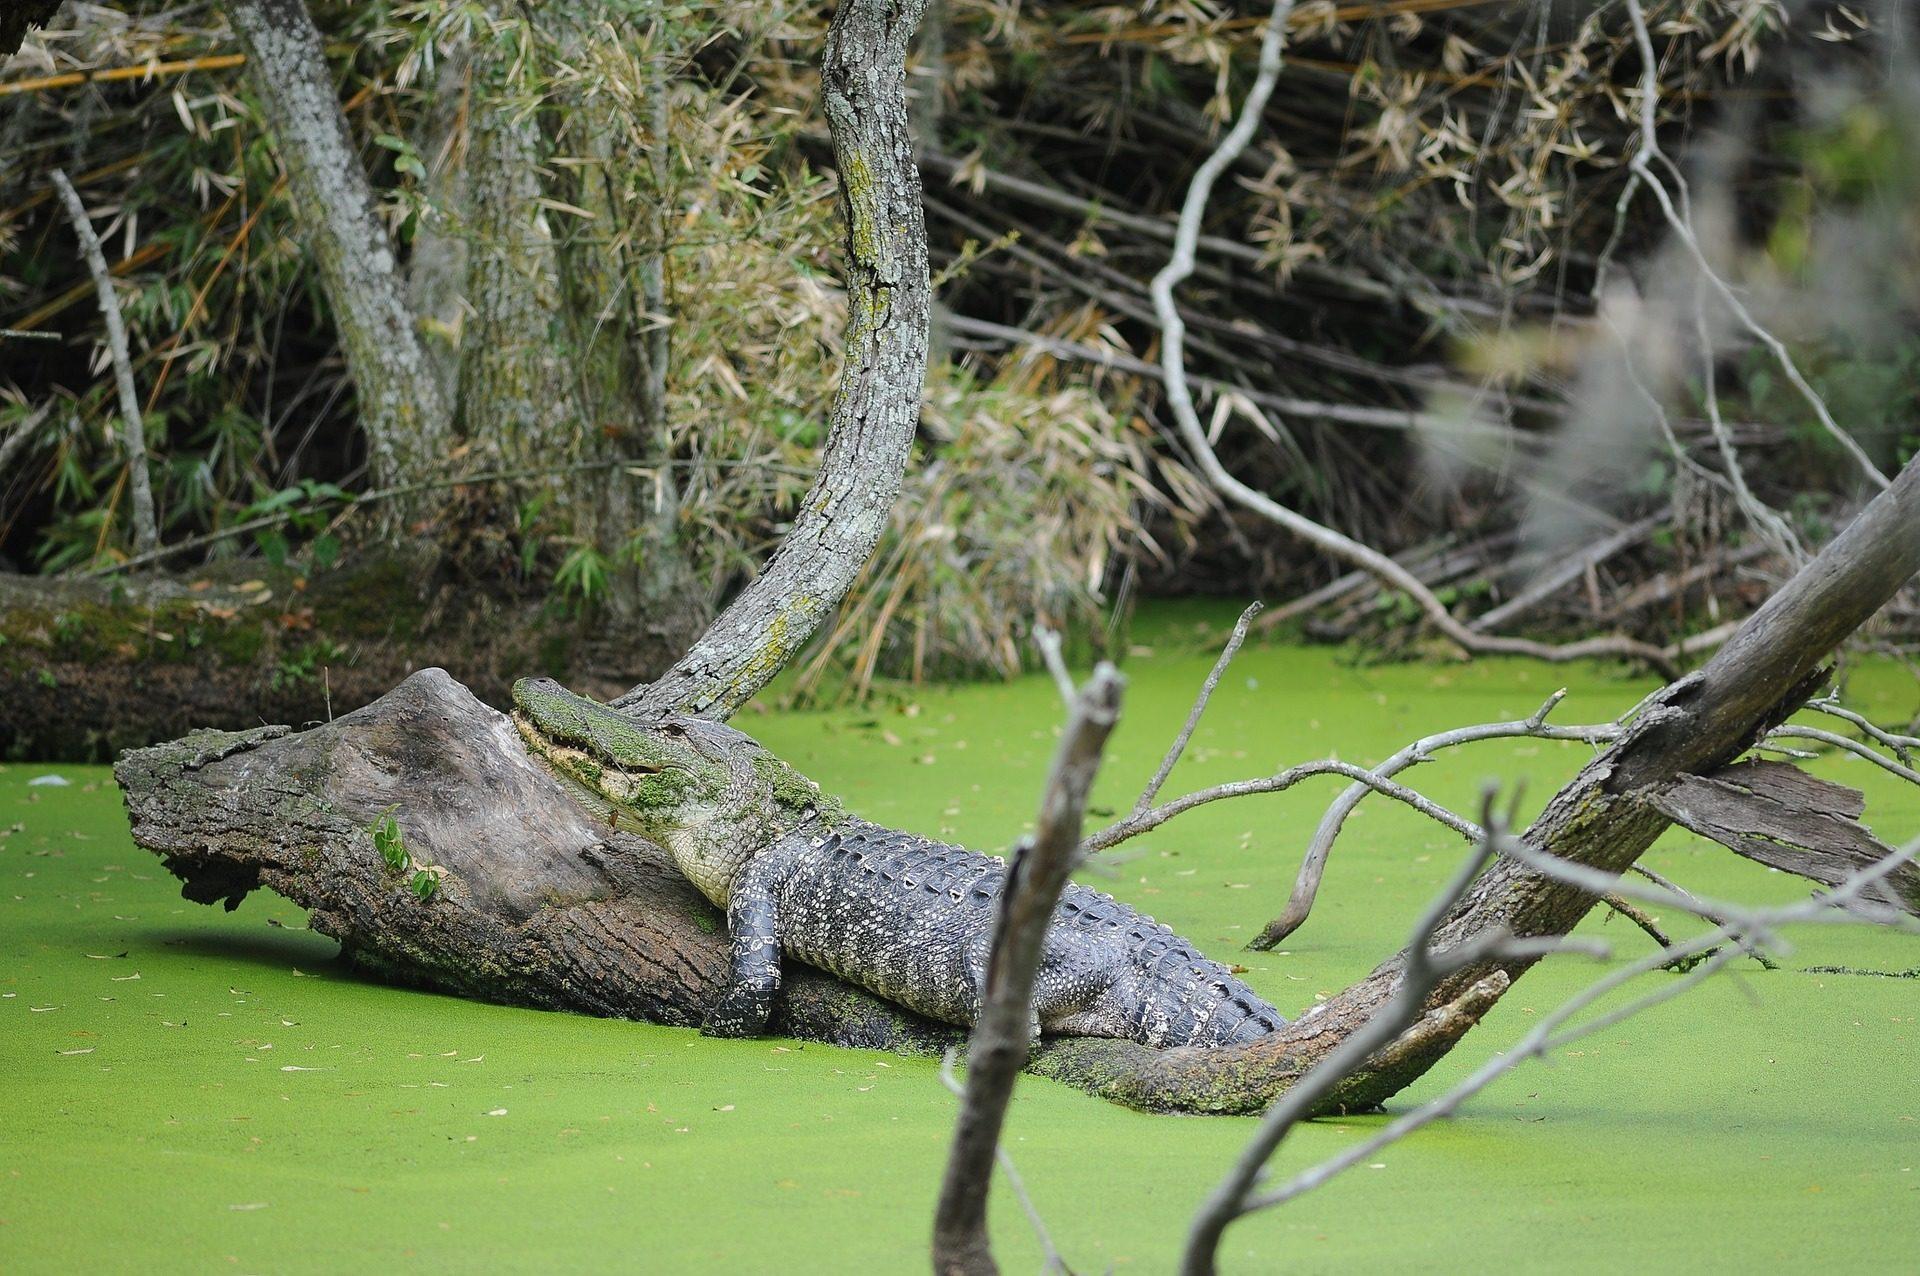 تمساح, كايمان, مستنقع, نهر, الأشجار, الفروع - خلفيات عالية الدقة - أستاذ falken.com